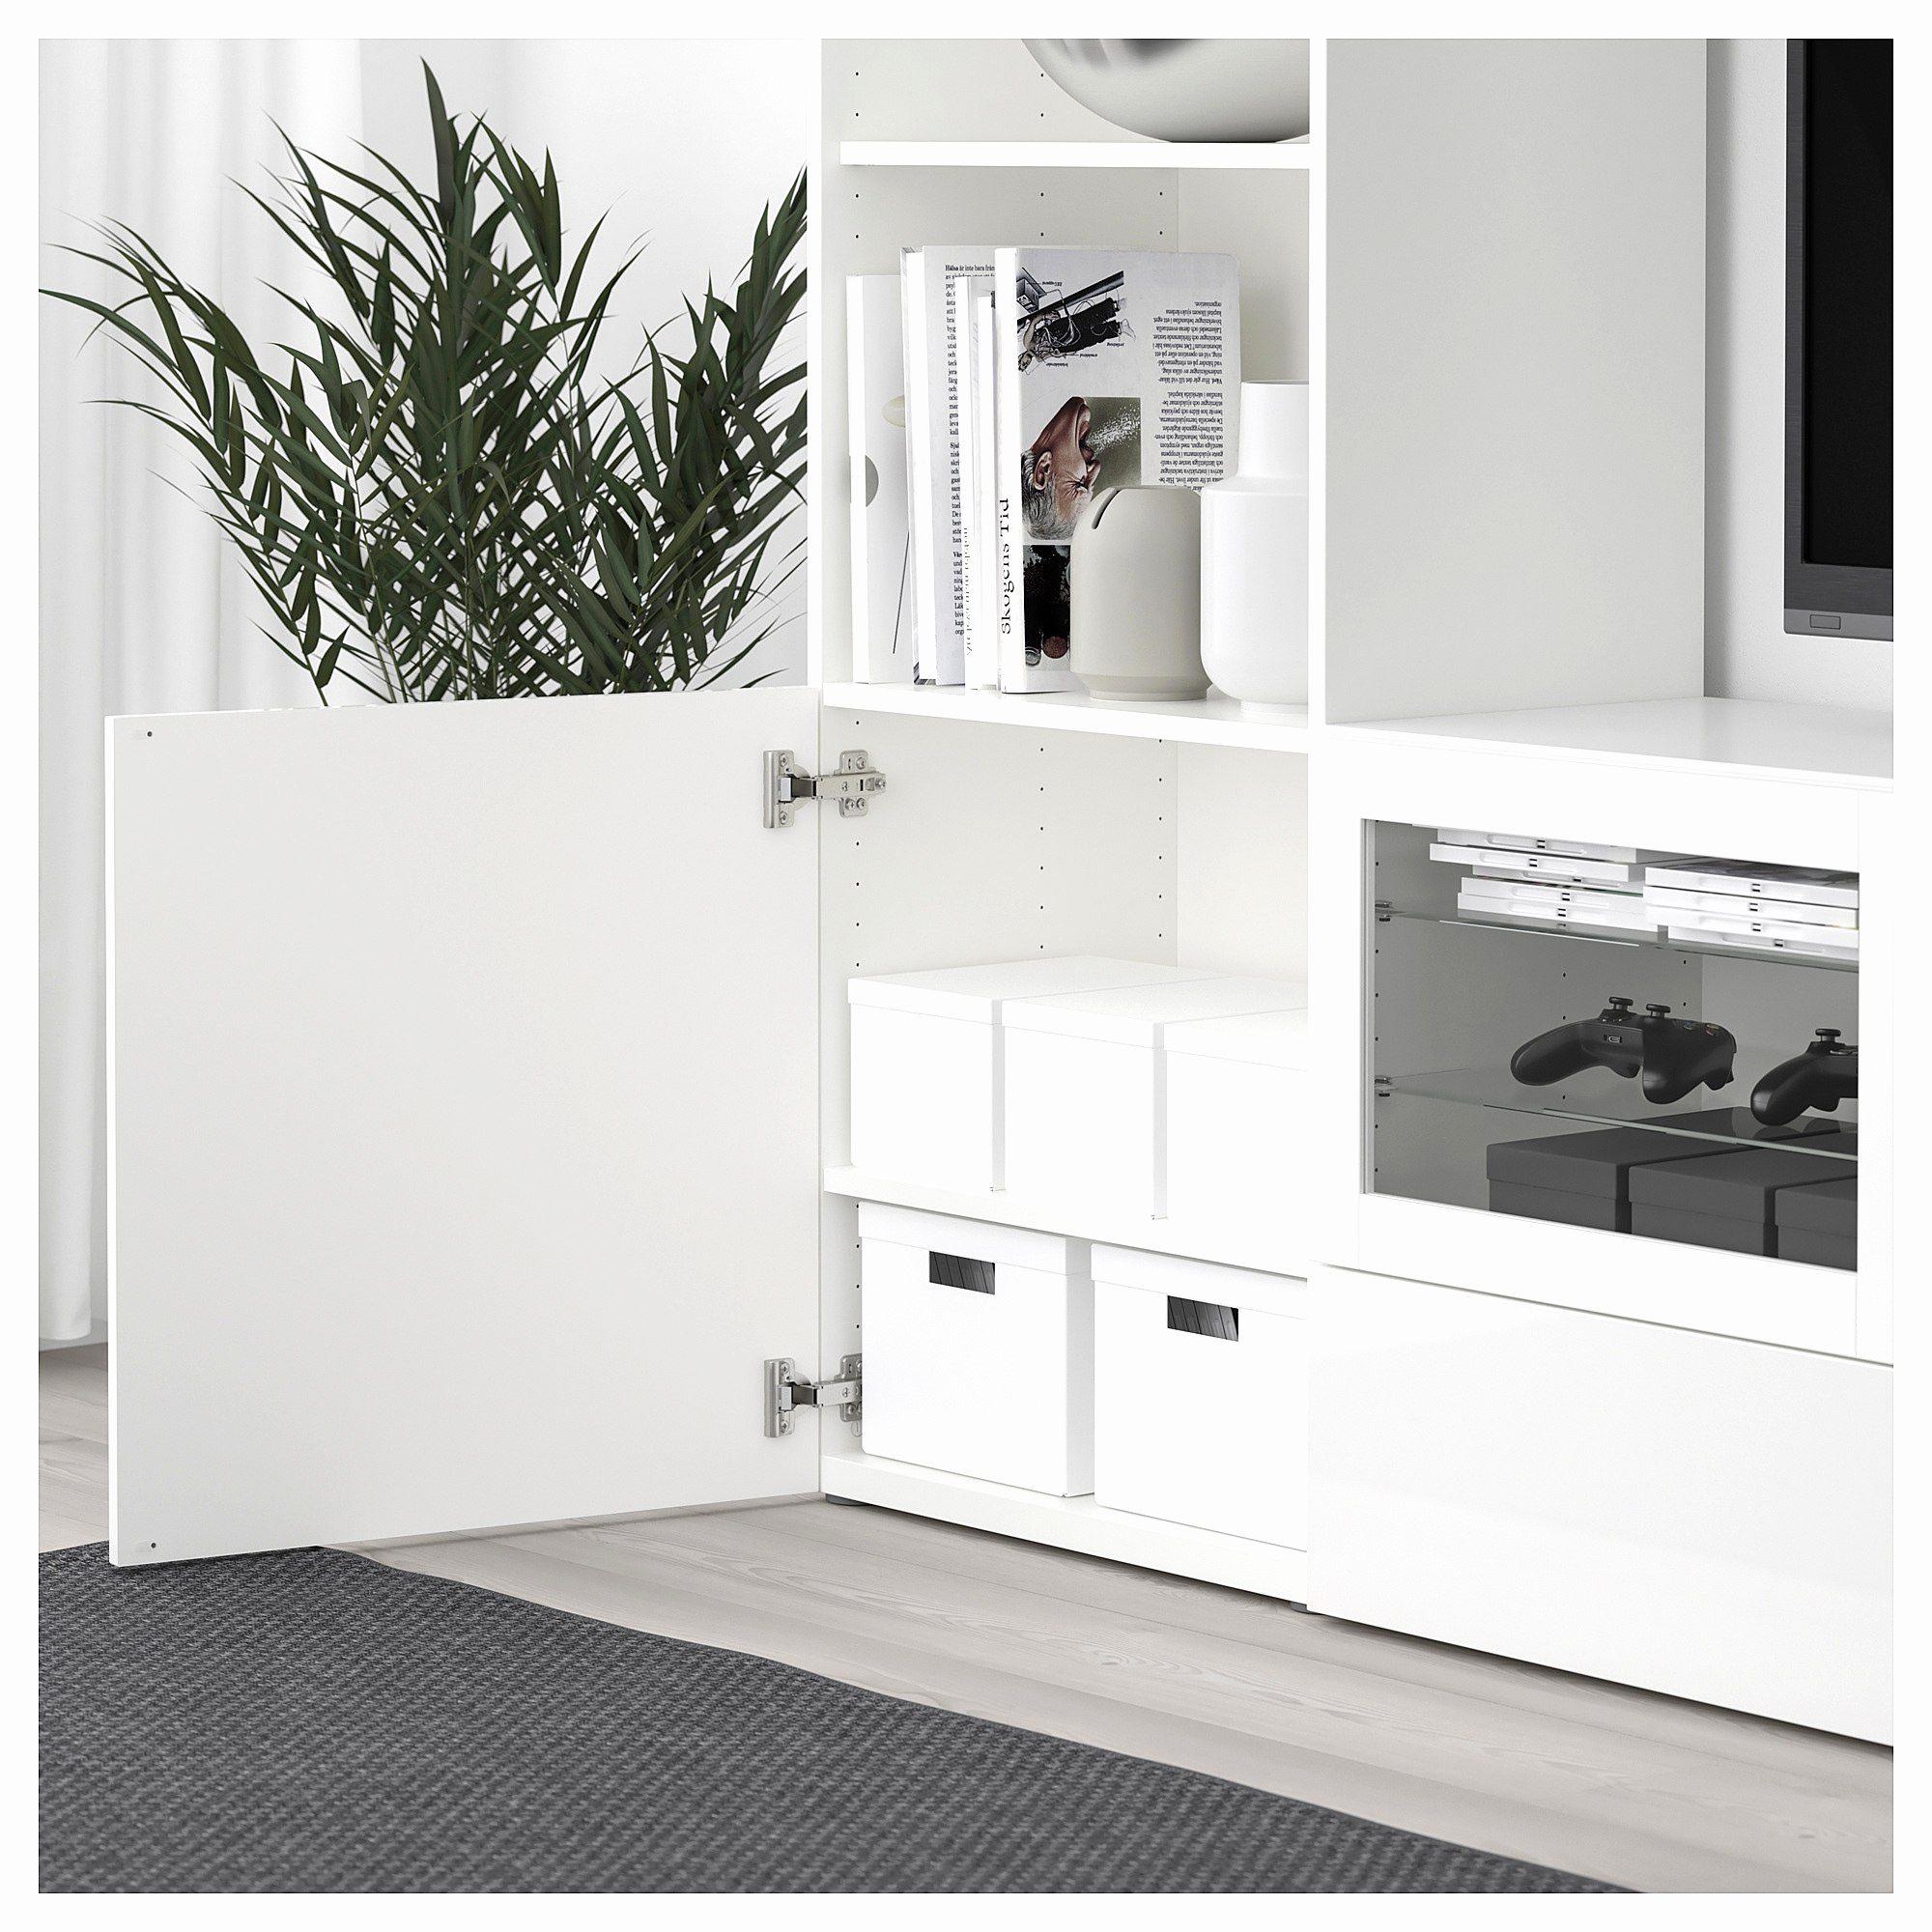 Armoire Lit Escamotable Pas Cher Élégant Lit Escamotable Plafond Luxe Lit Escamotable Horizontal Ikea